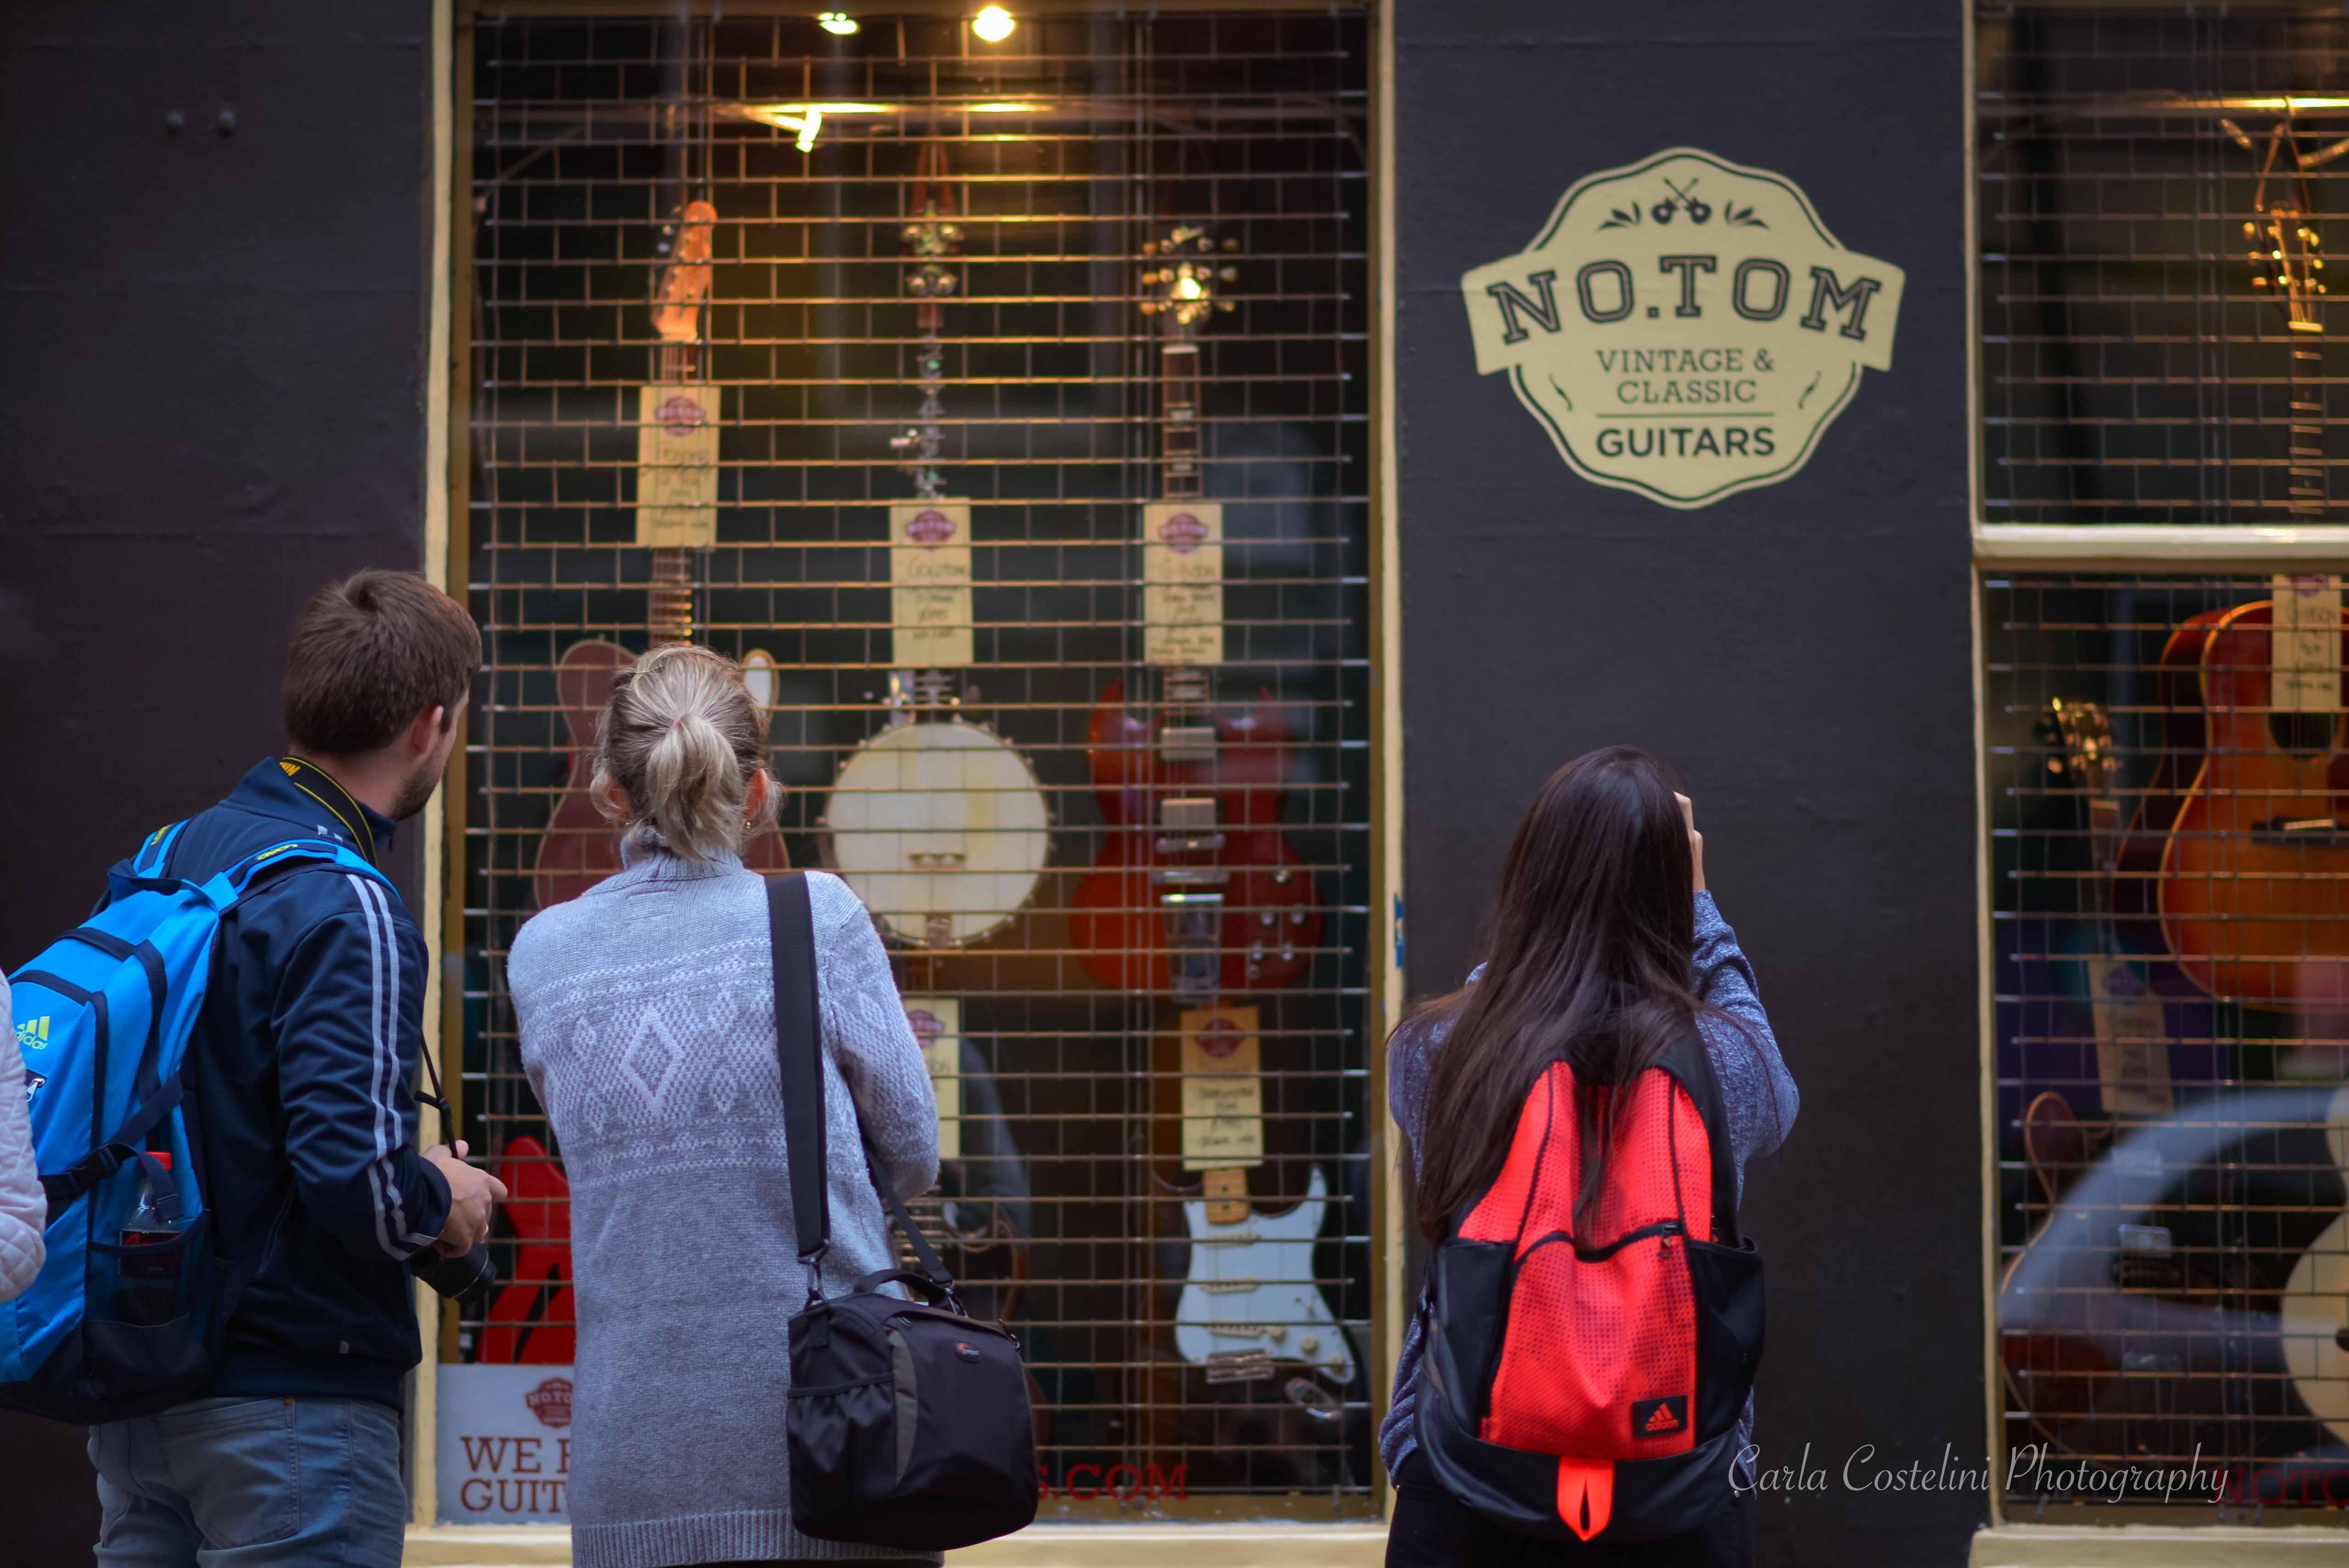 musica bandas em londres loja de instrumento musical no tom guitarra violao rua cultura arte